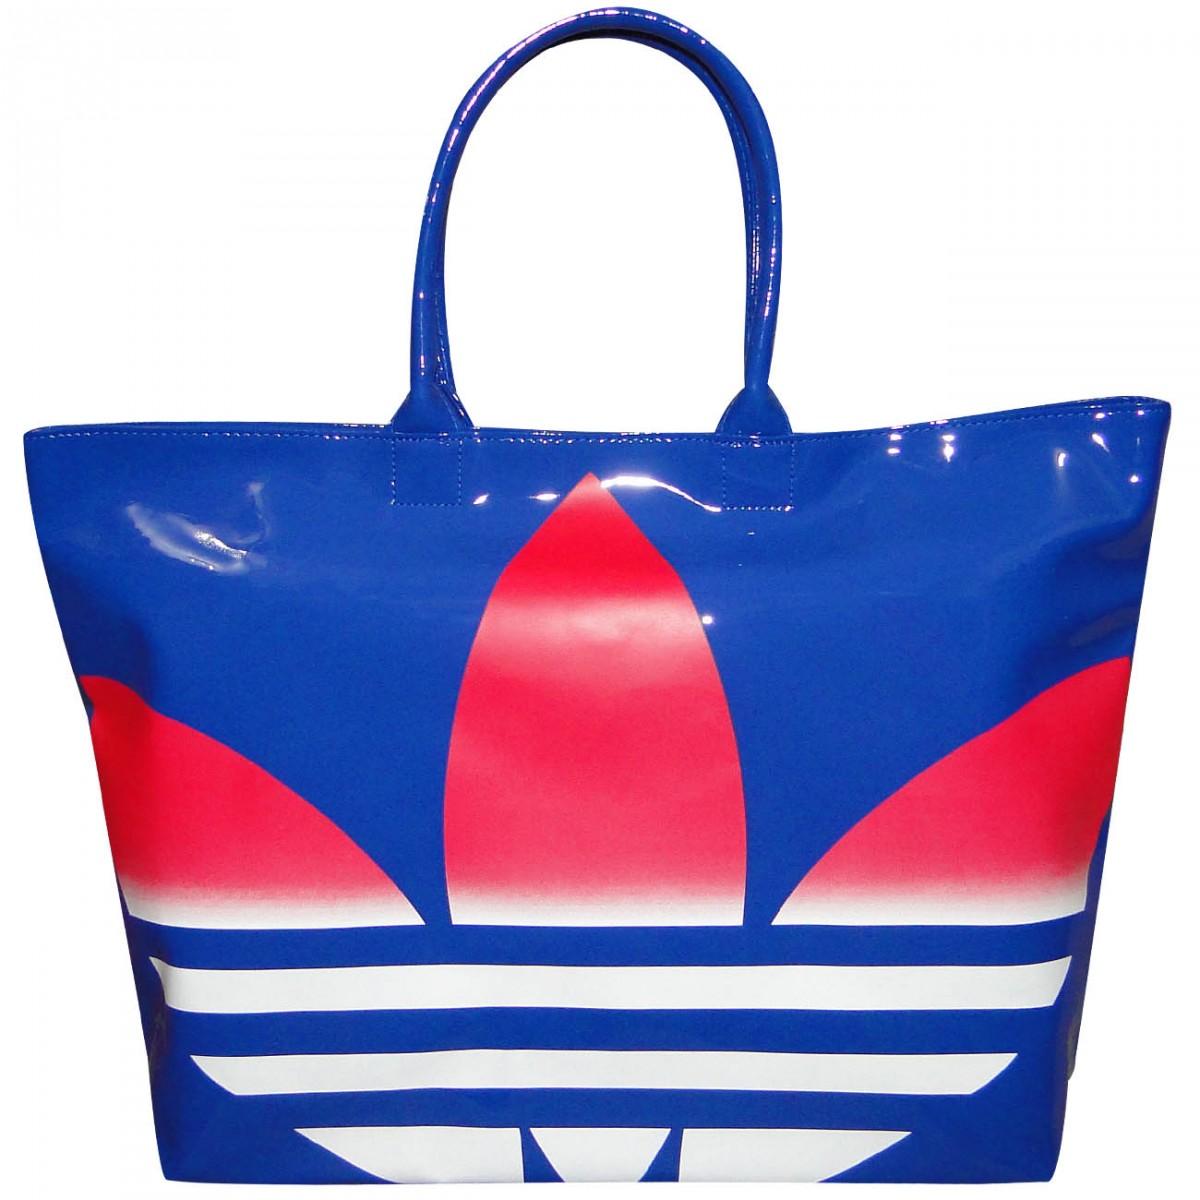 cb4275f55 Bolsa Adidas Beach Sh Pat F79450 - Azul/Branco - Chuteira Nike, Adidas.  Sandalias Femininas. Sandy Calçados